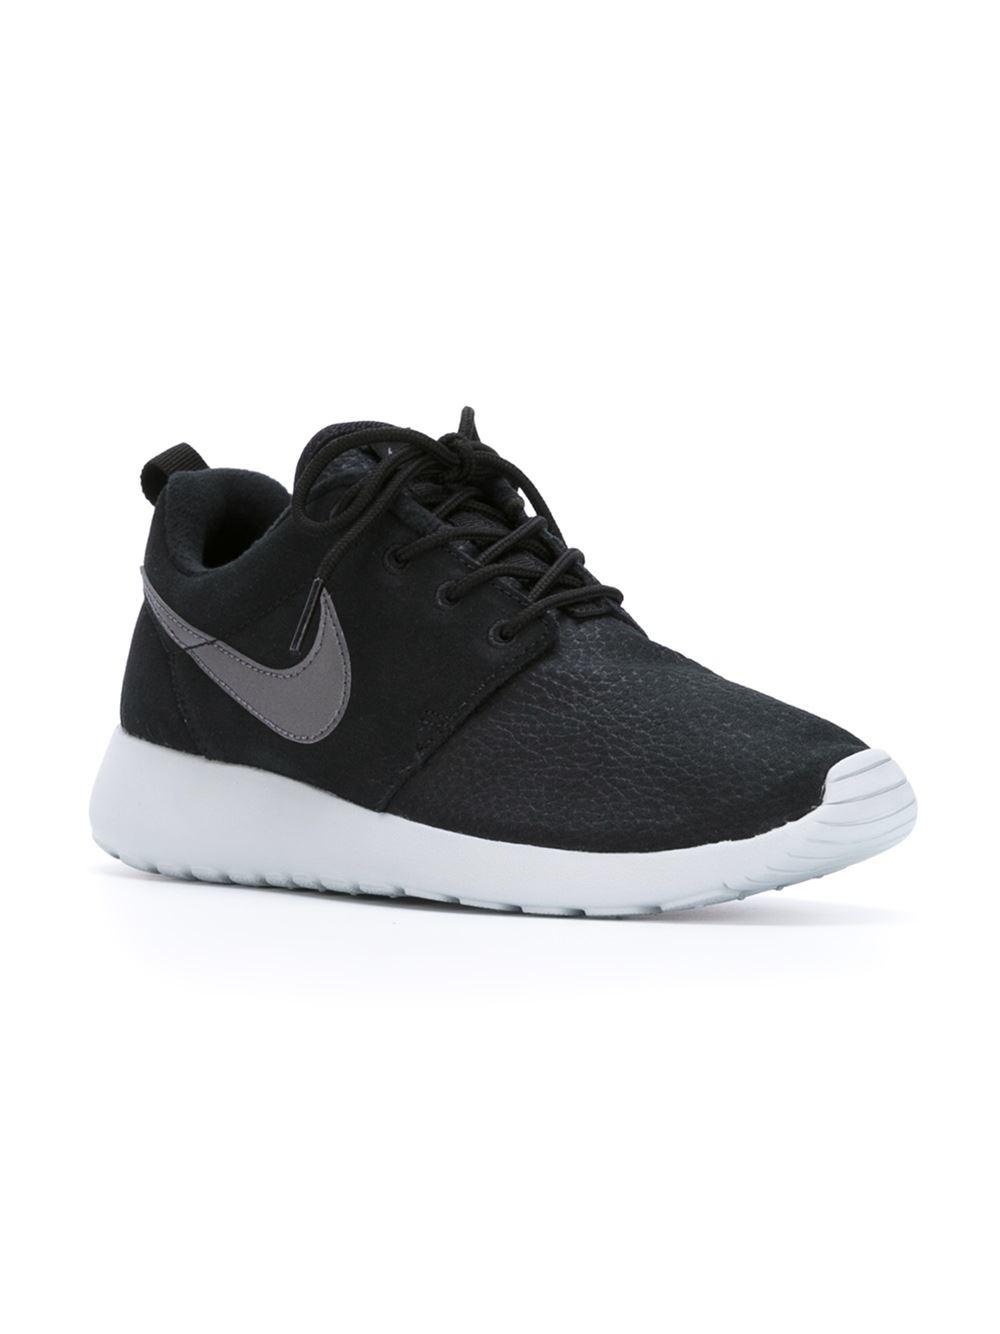 nike roshe one sneakers in black lyst